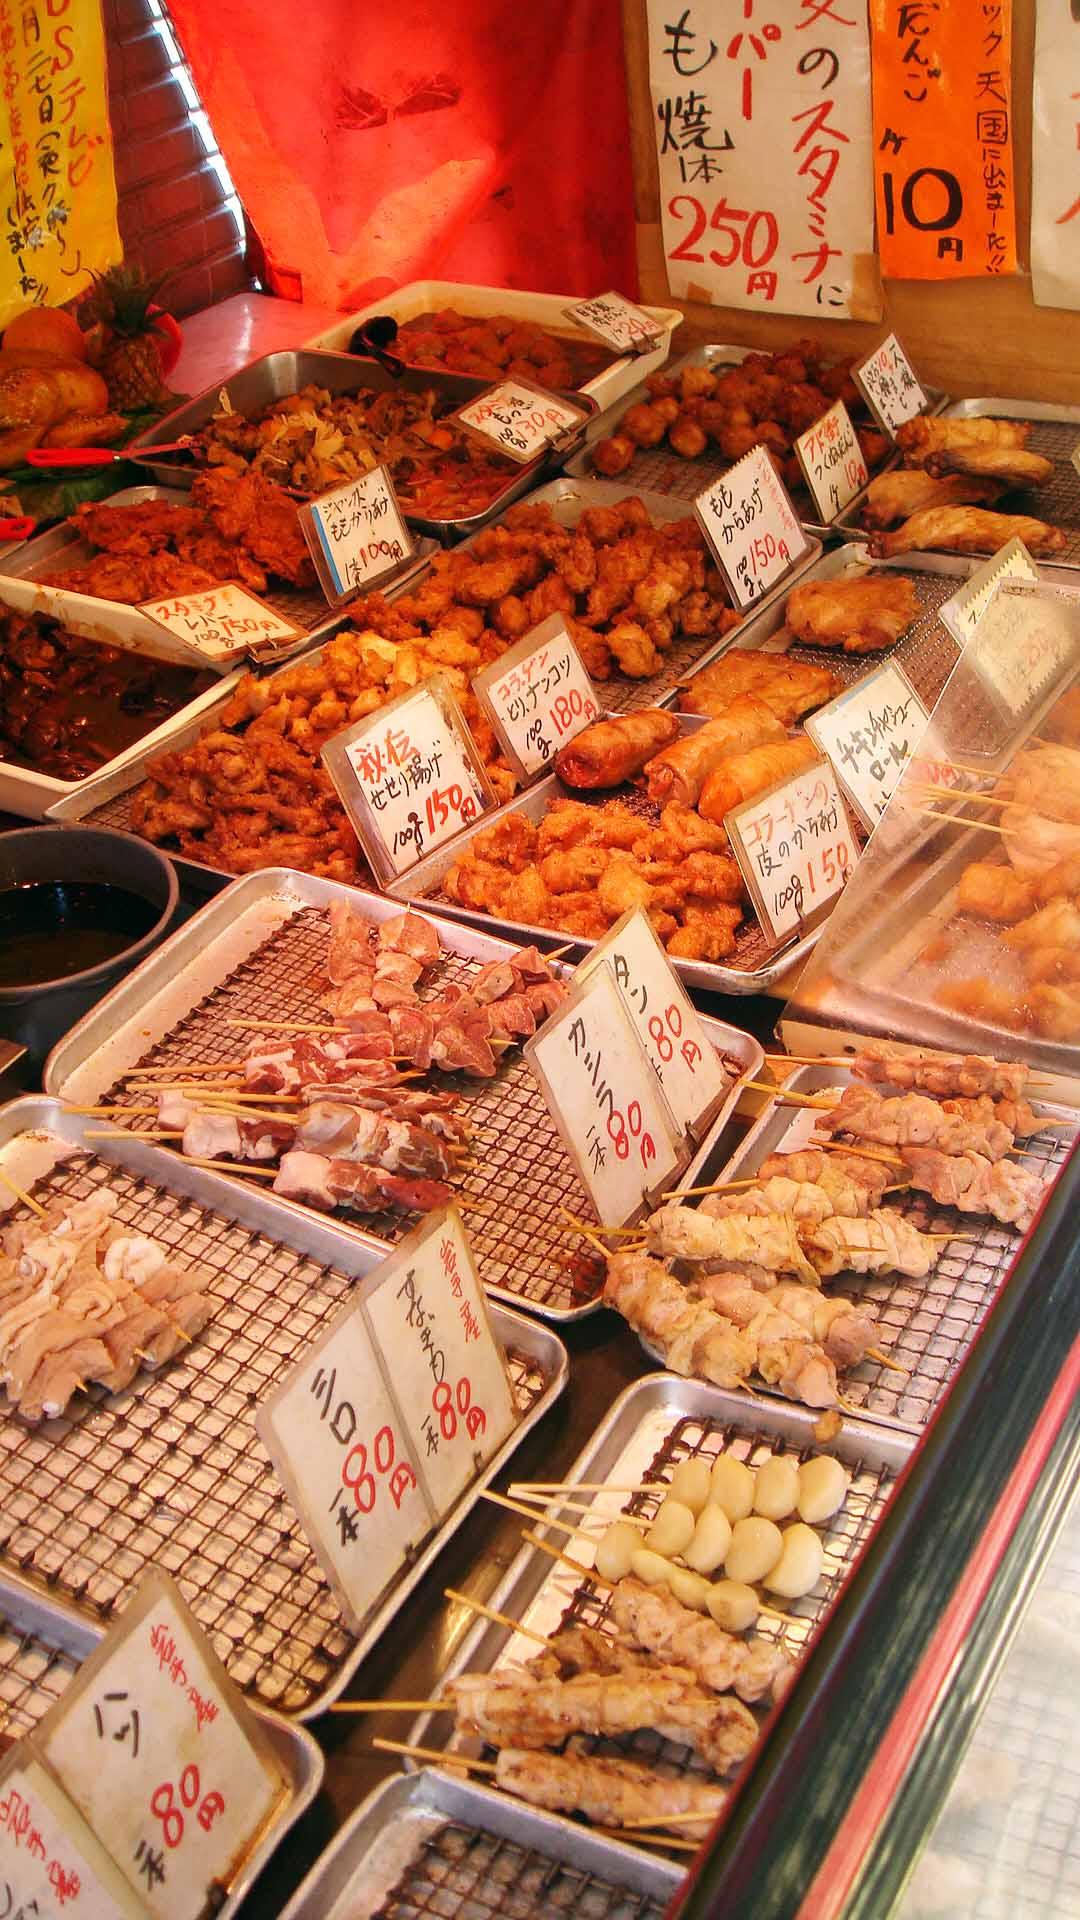 火・金曜日は焼き鳥が全て50円のサービス!